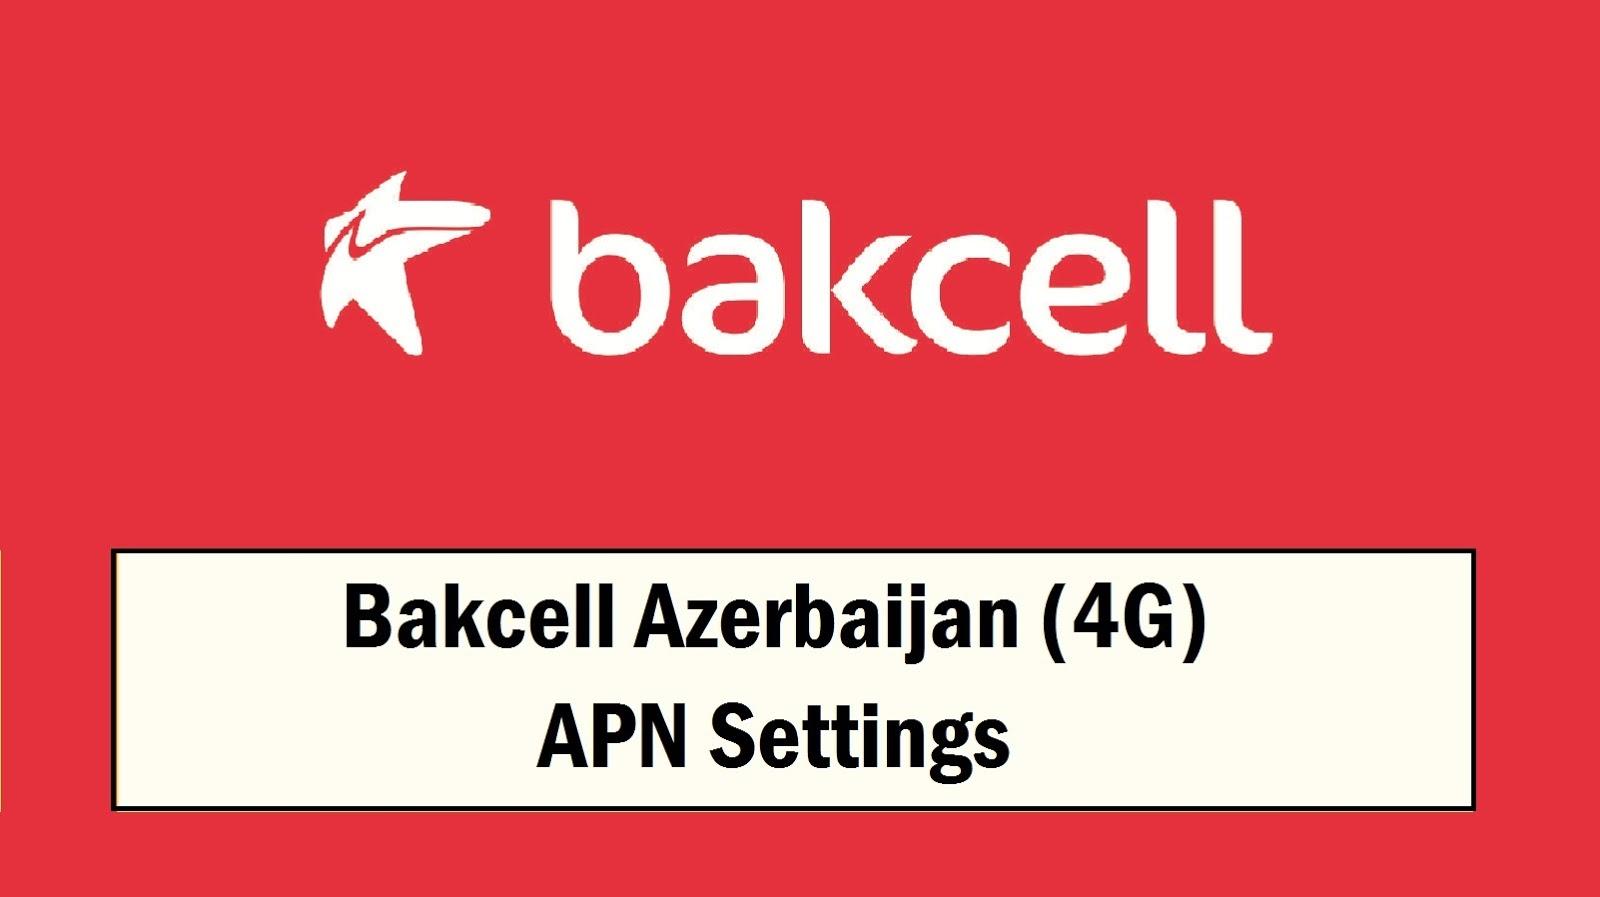 Bakcell Azerbaijan (4G) APN Settings